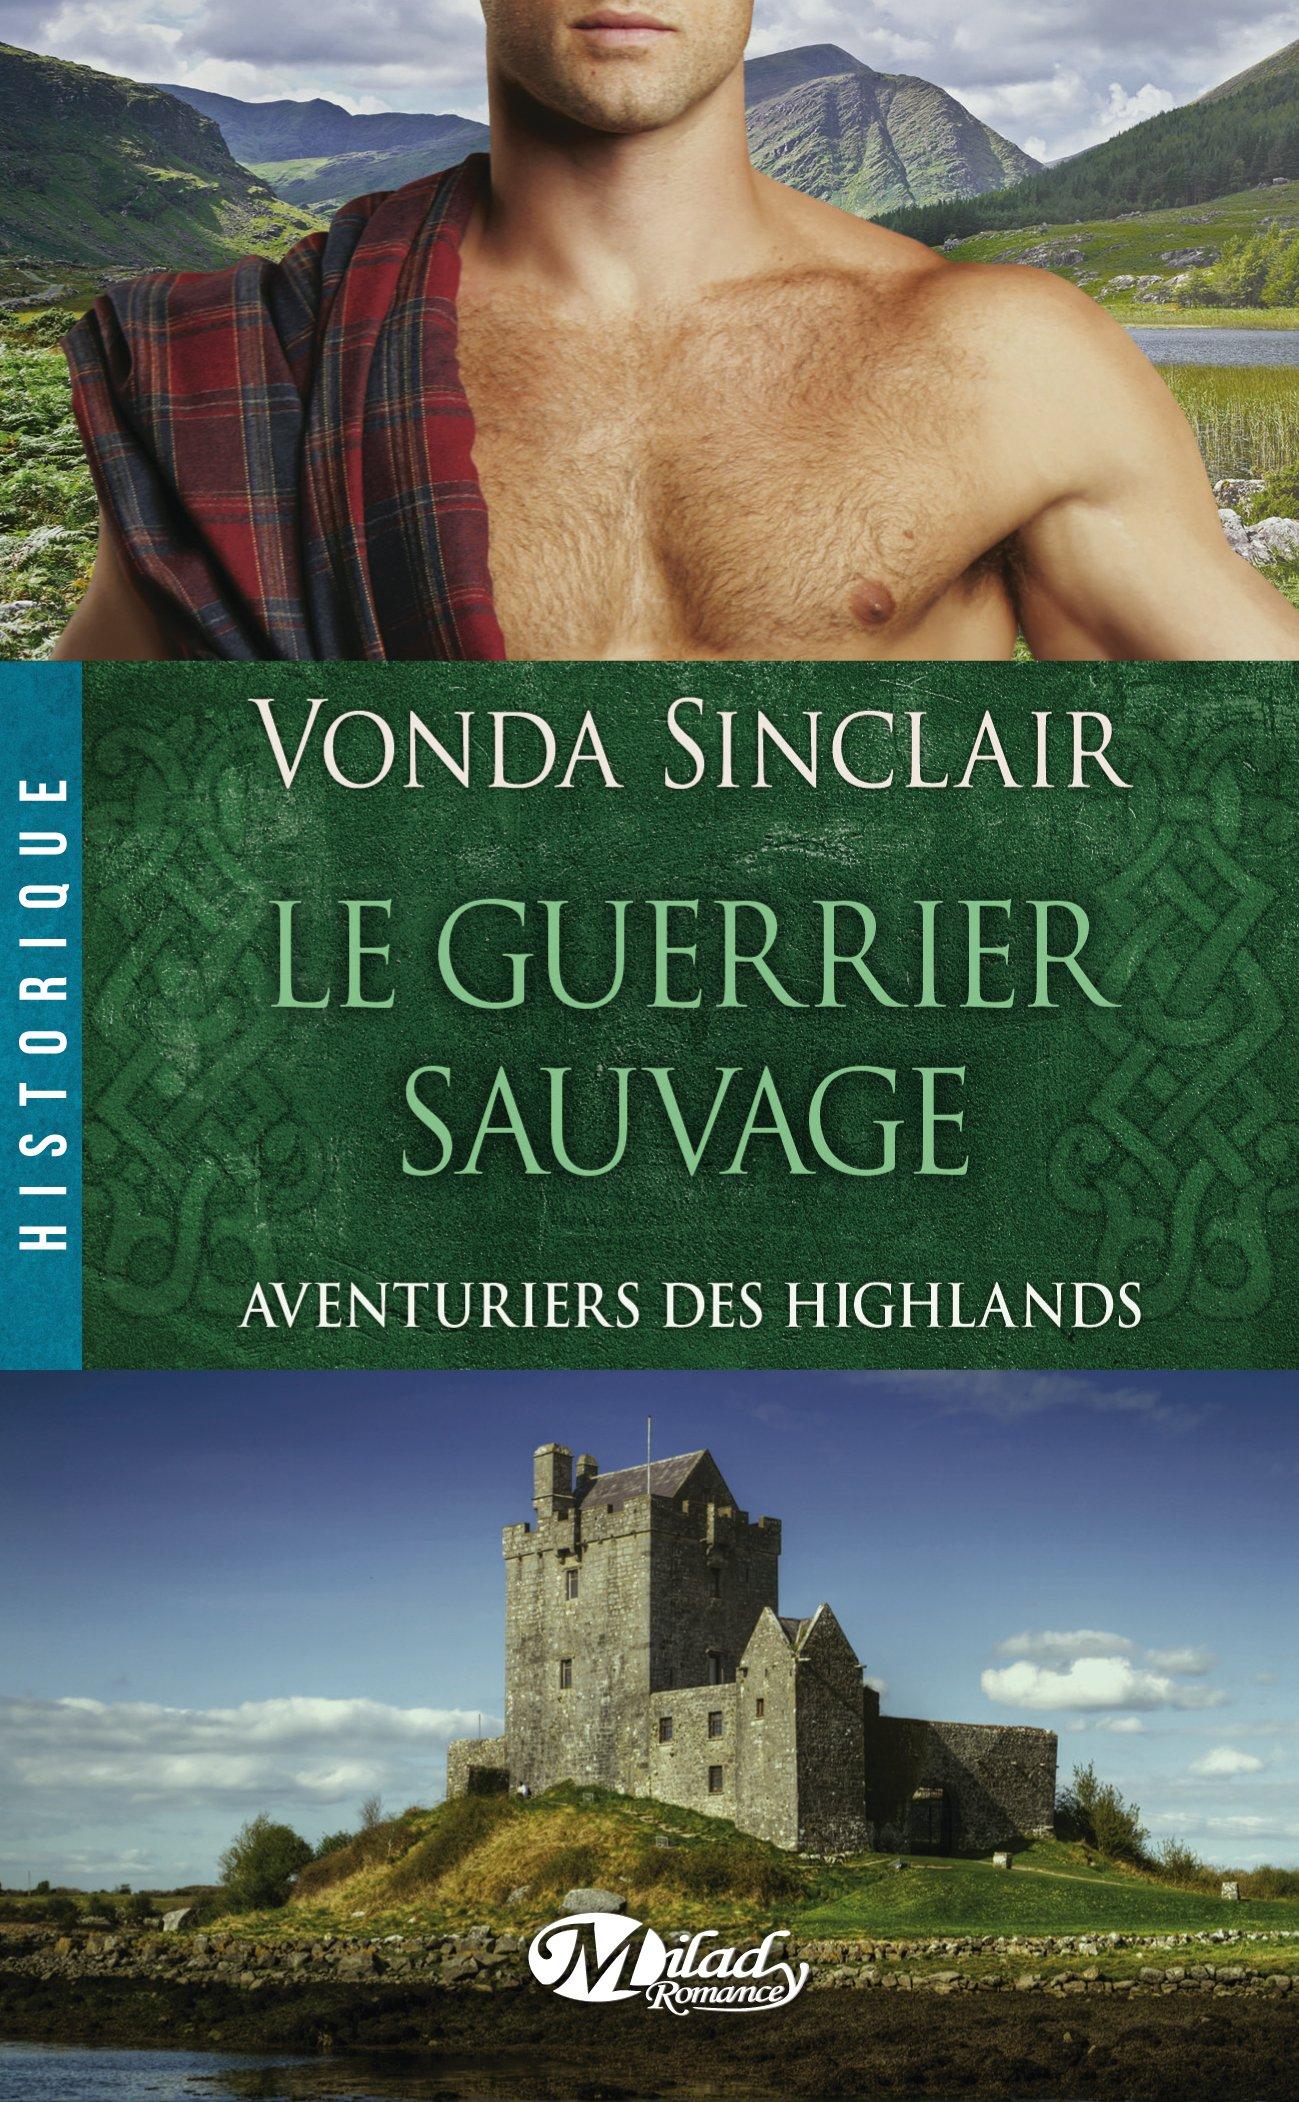 Aventuriers des Highlands - Tome 1 : Le Guerrier Sauvage de Vonda Sinclair 91CE8iunSIL